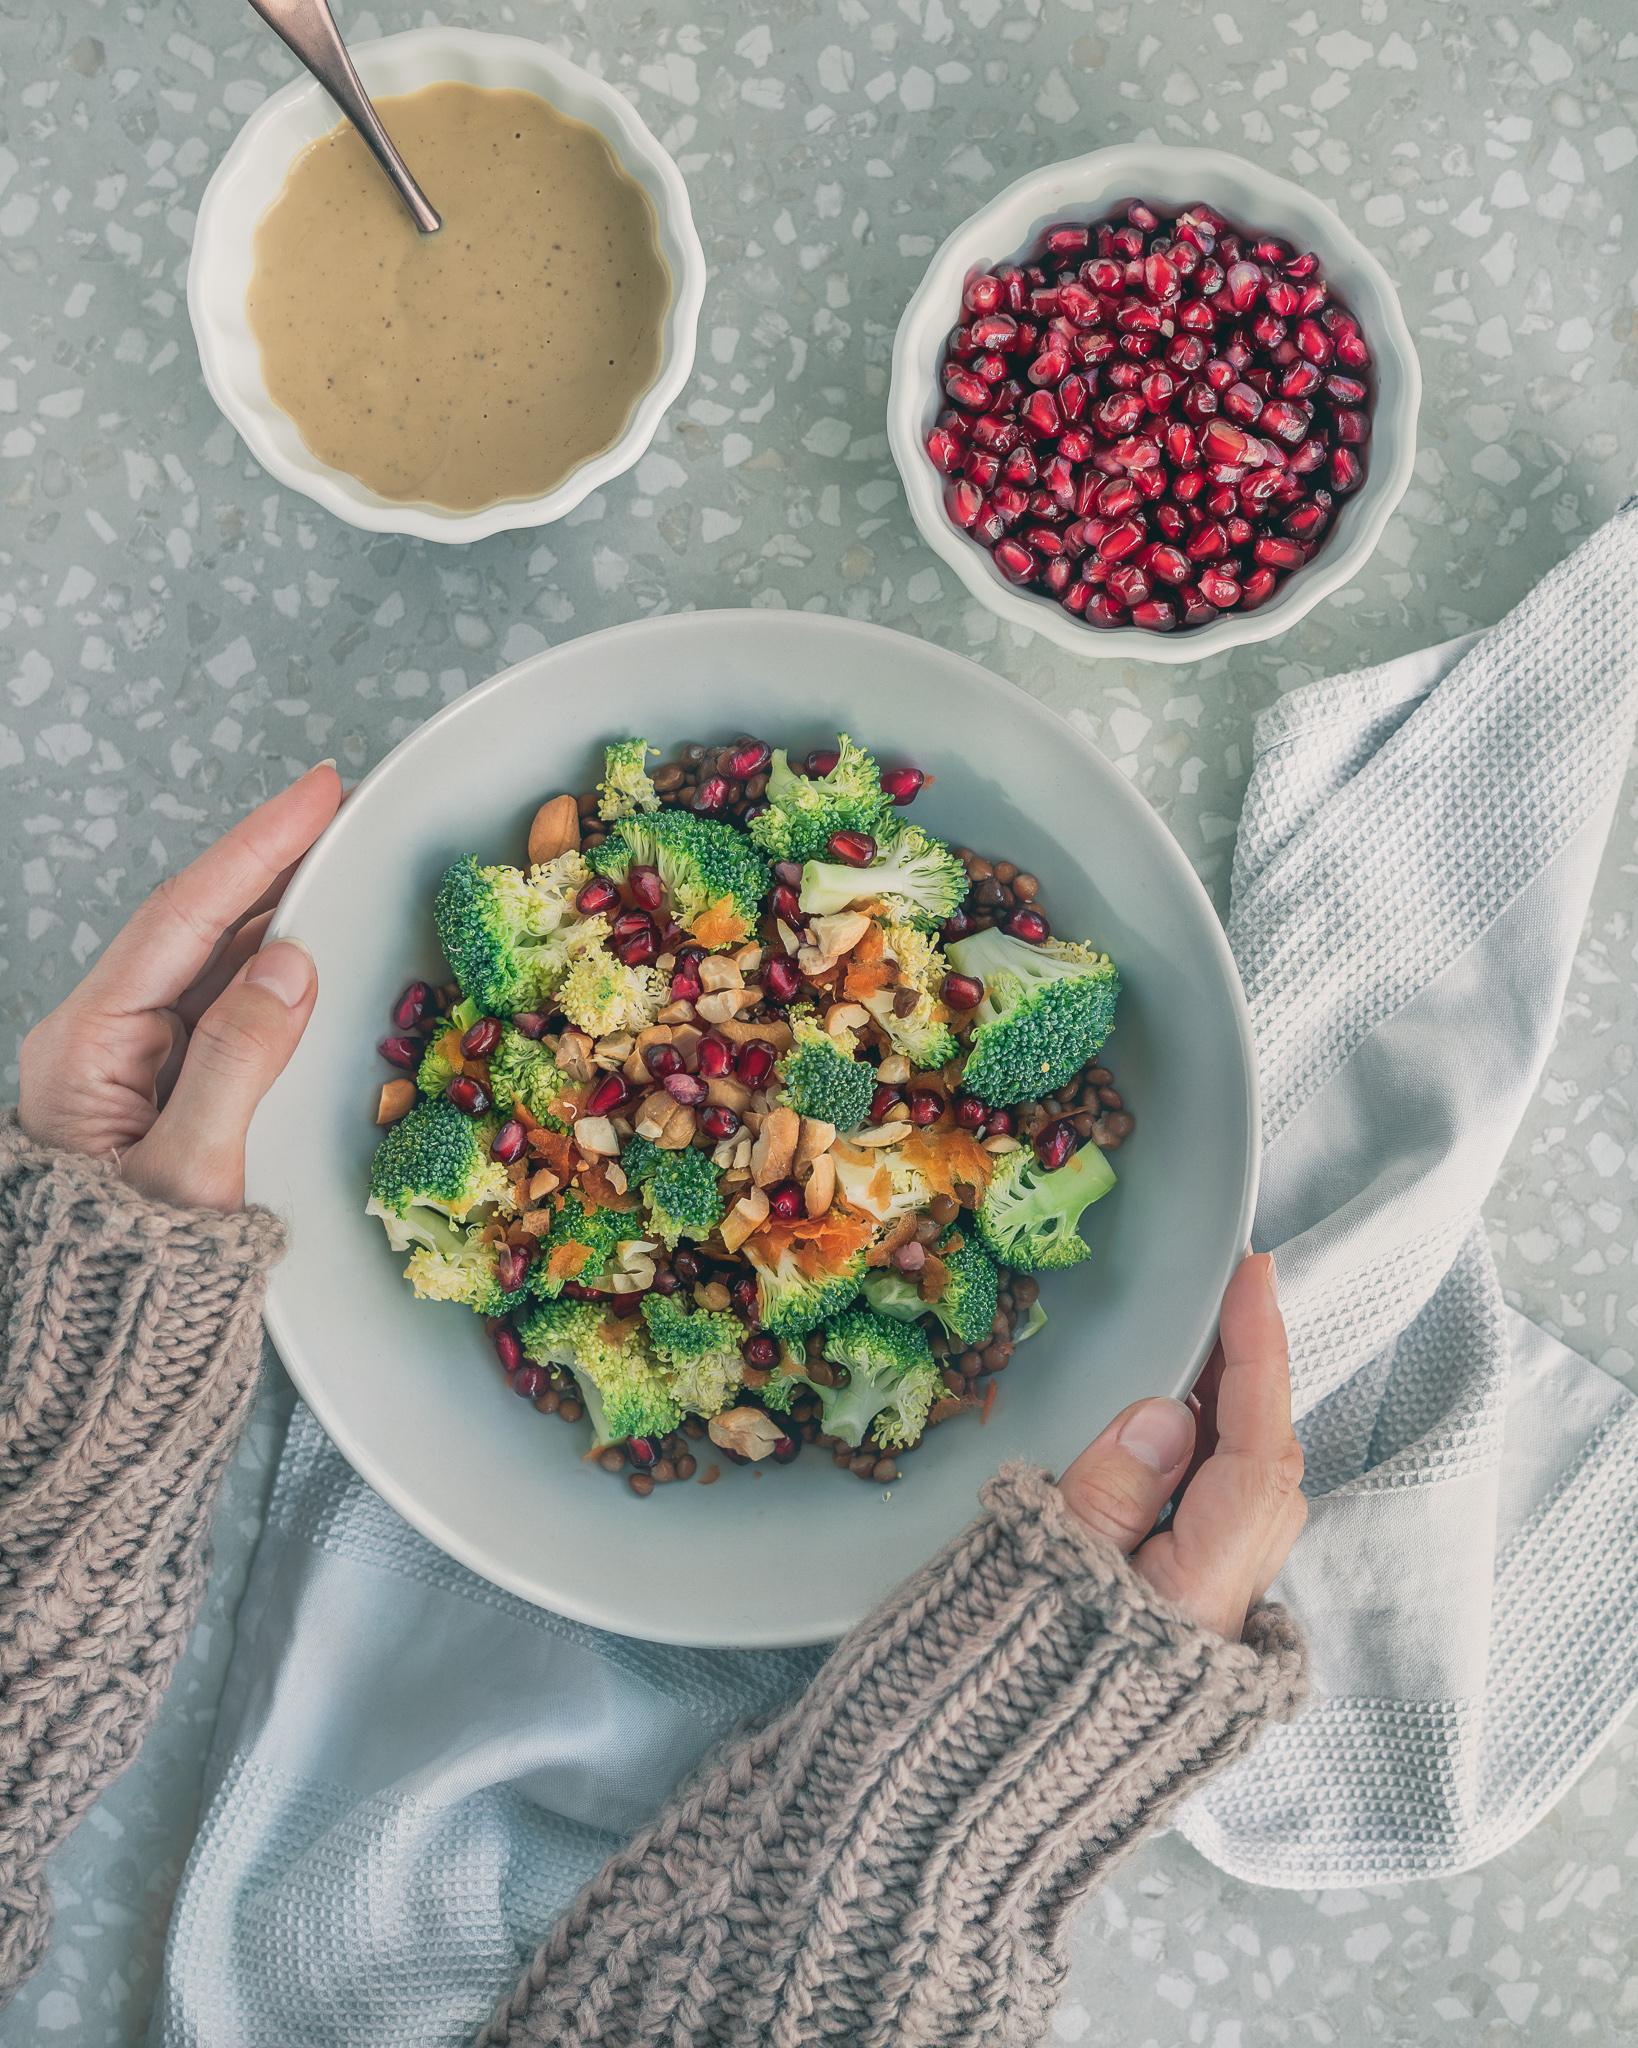 Frisch, fruchtiger Brokkoli Salat mit Linsen und Granatapfelkernen in der Follikelphase